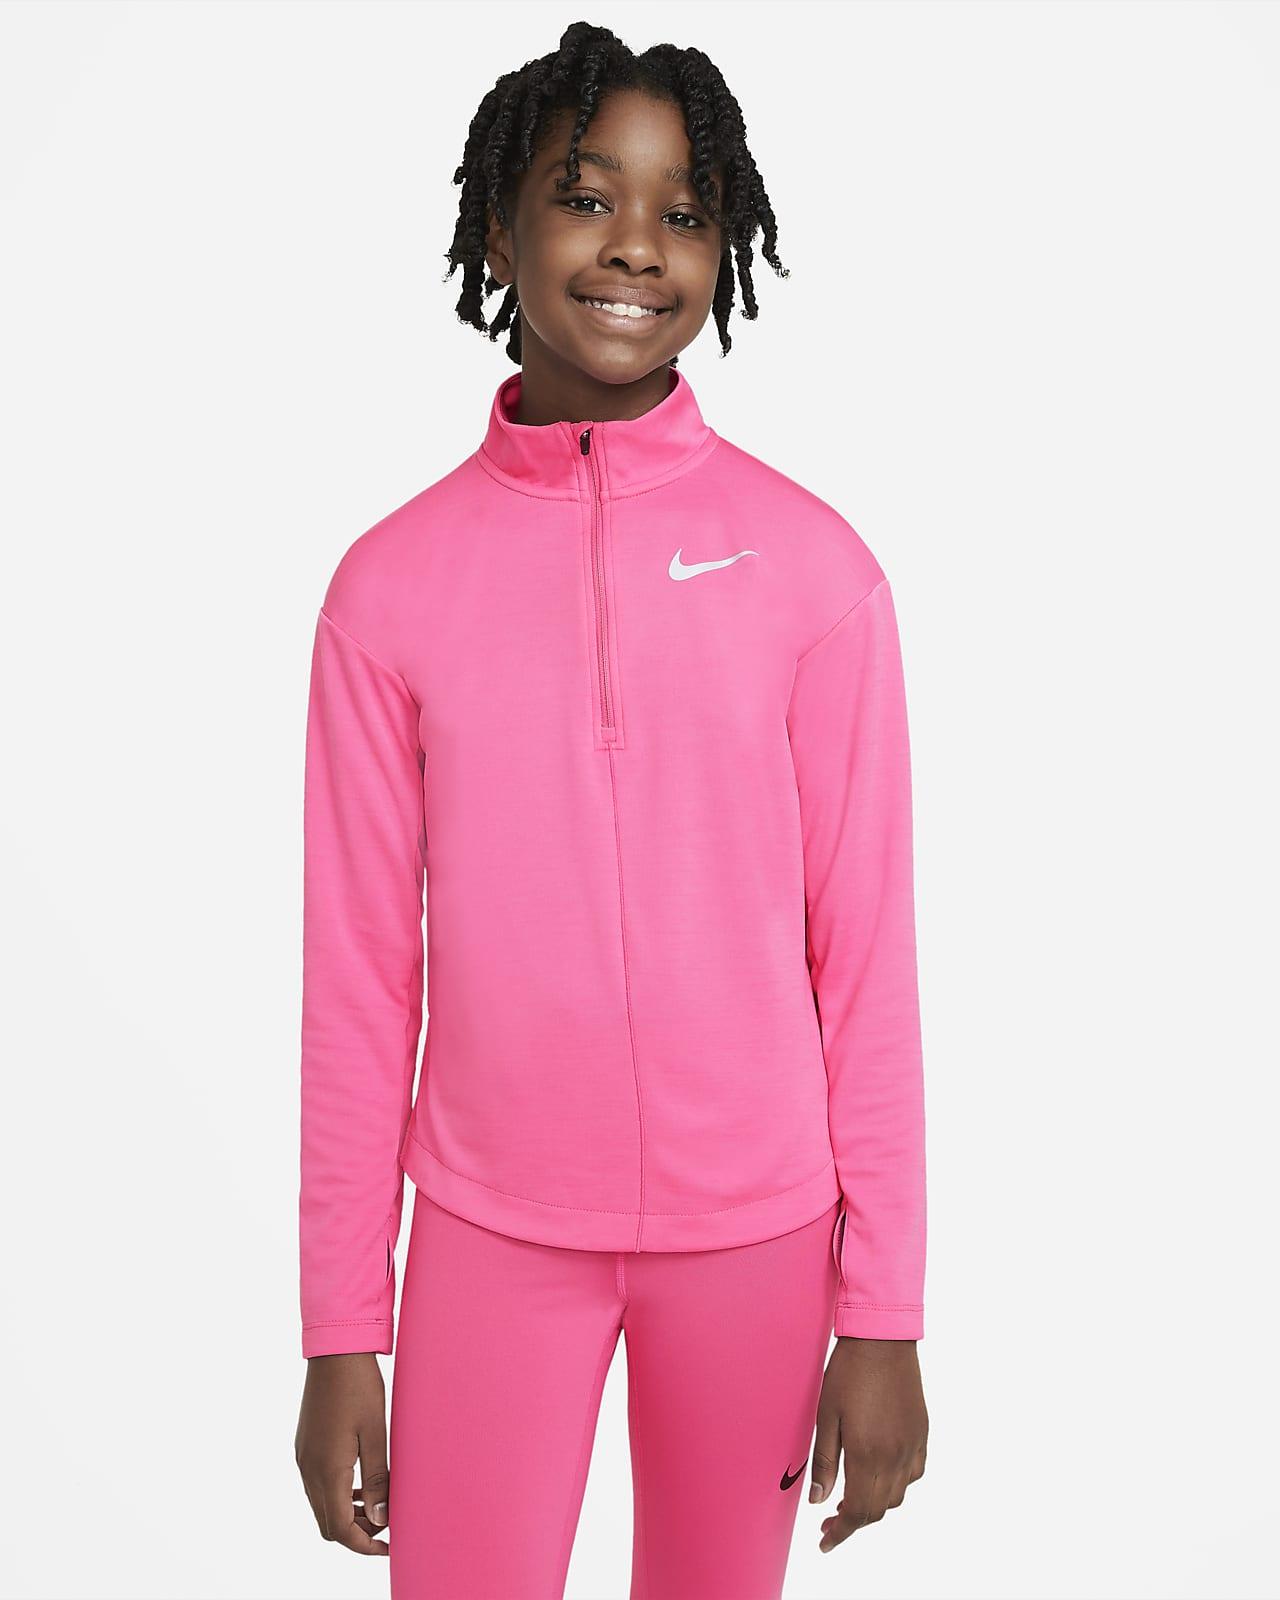 Nike Uzun Kollu Yarım Fermuarlı Genç Çocuk (Kız) Koşu Üstü